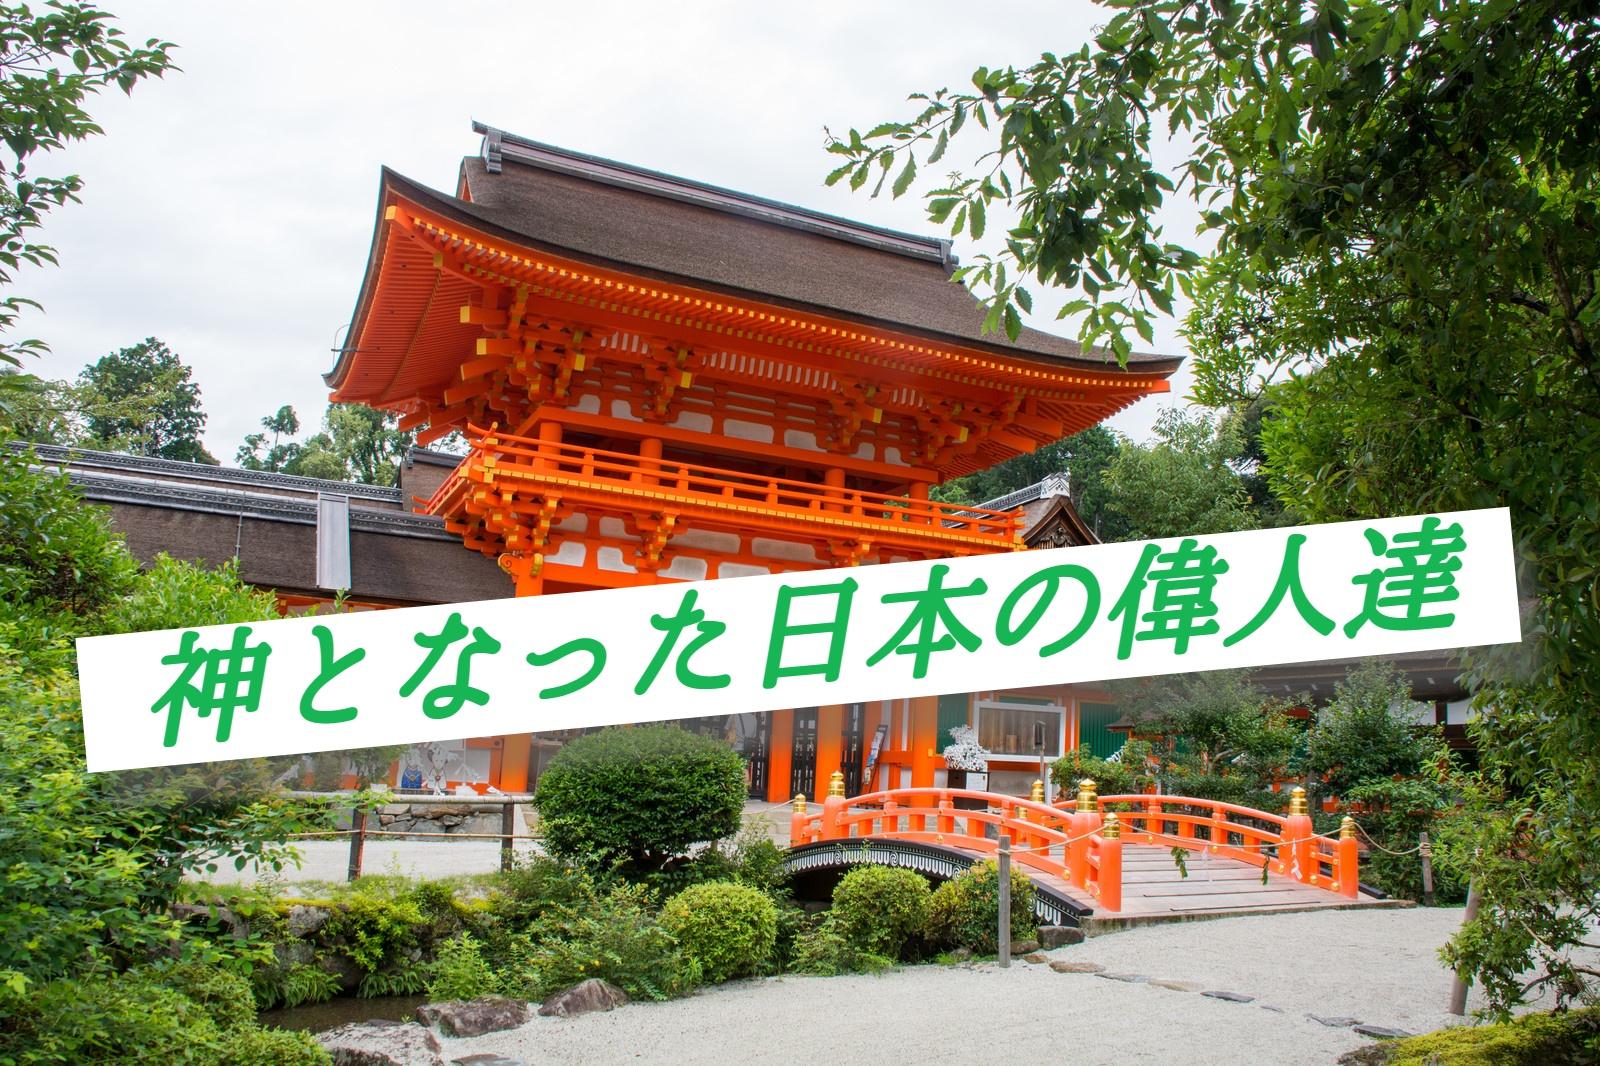 人が神になる?神となった日本の偉人達